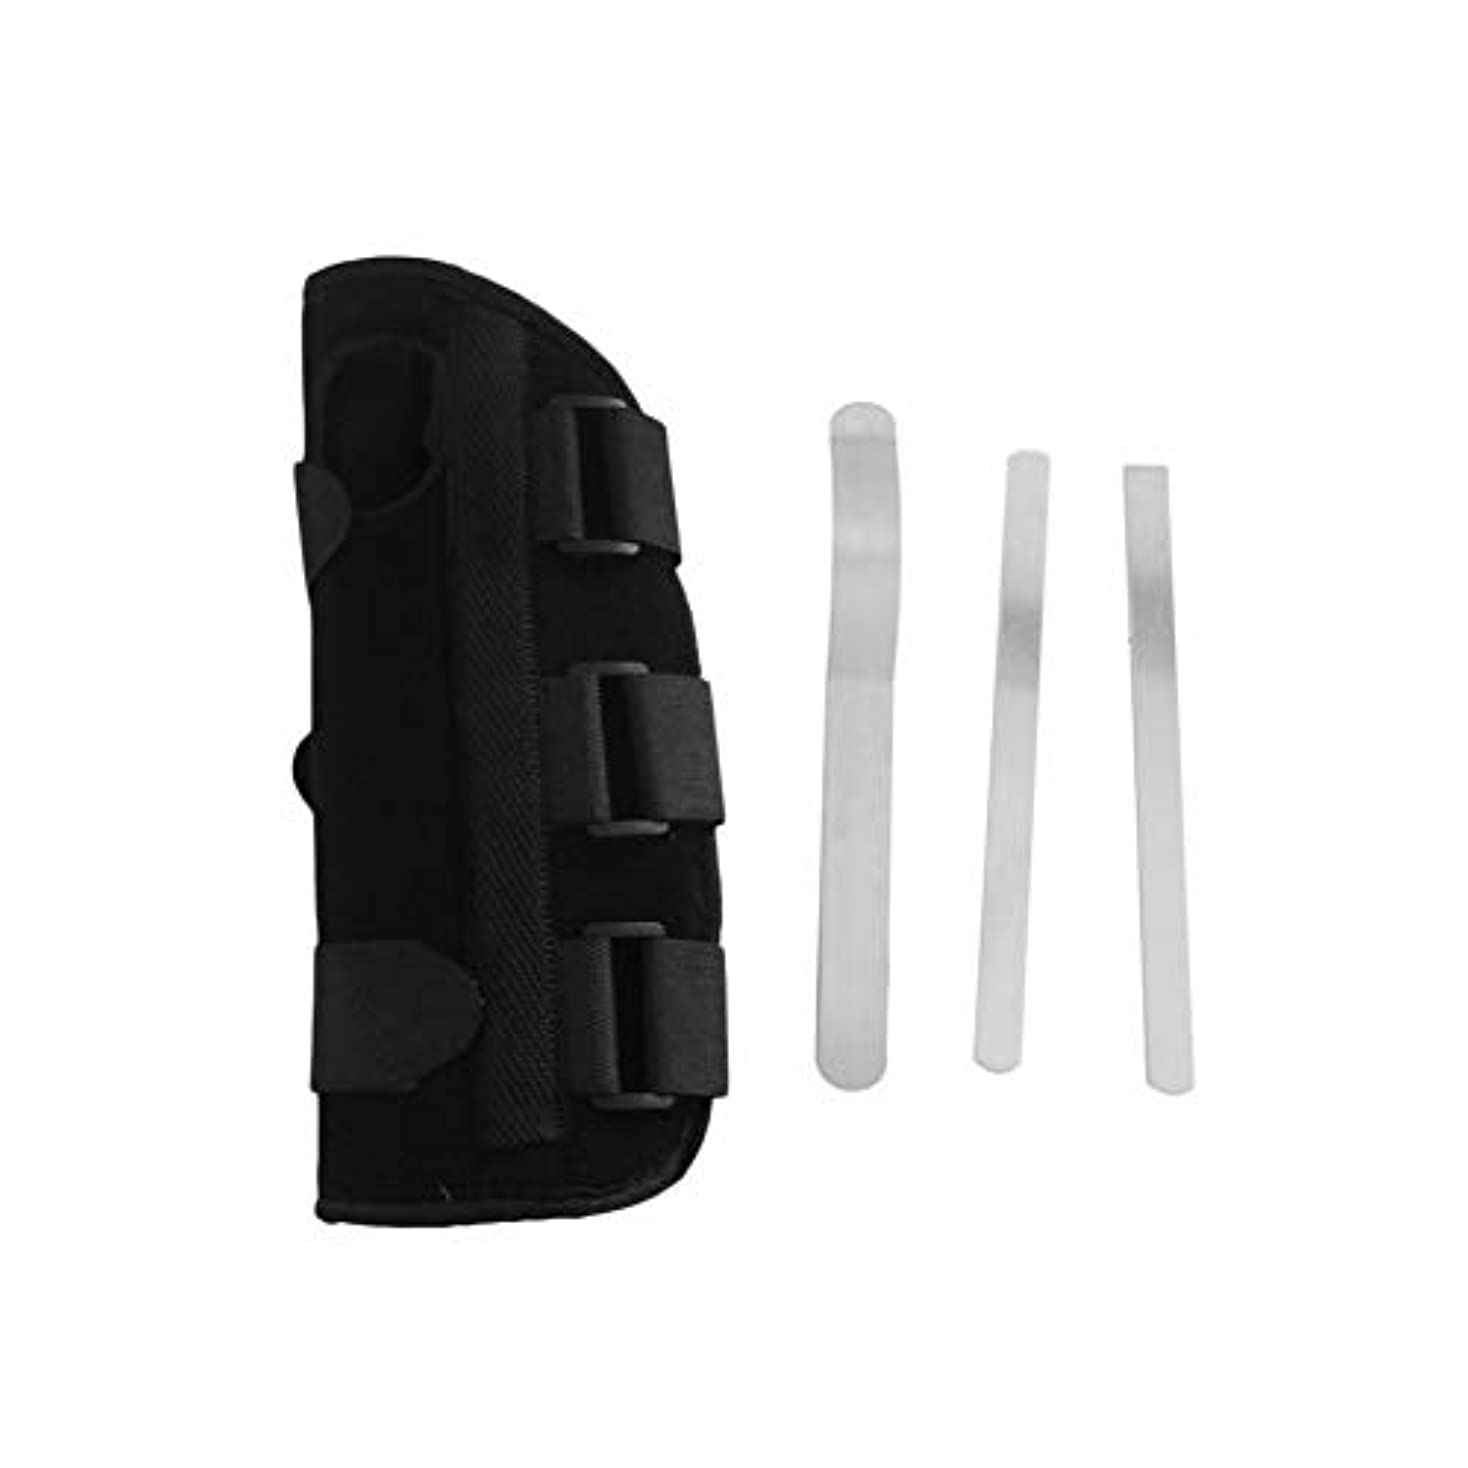 仕方フェードおじいちゃん手首副木ブレース保護サポートストラップカルペルトンネルCTS RSI痛み軽減取り外し可能な副木快適な軽量ストラップ - ブラックS